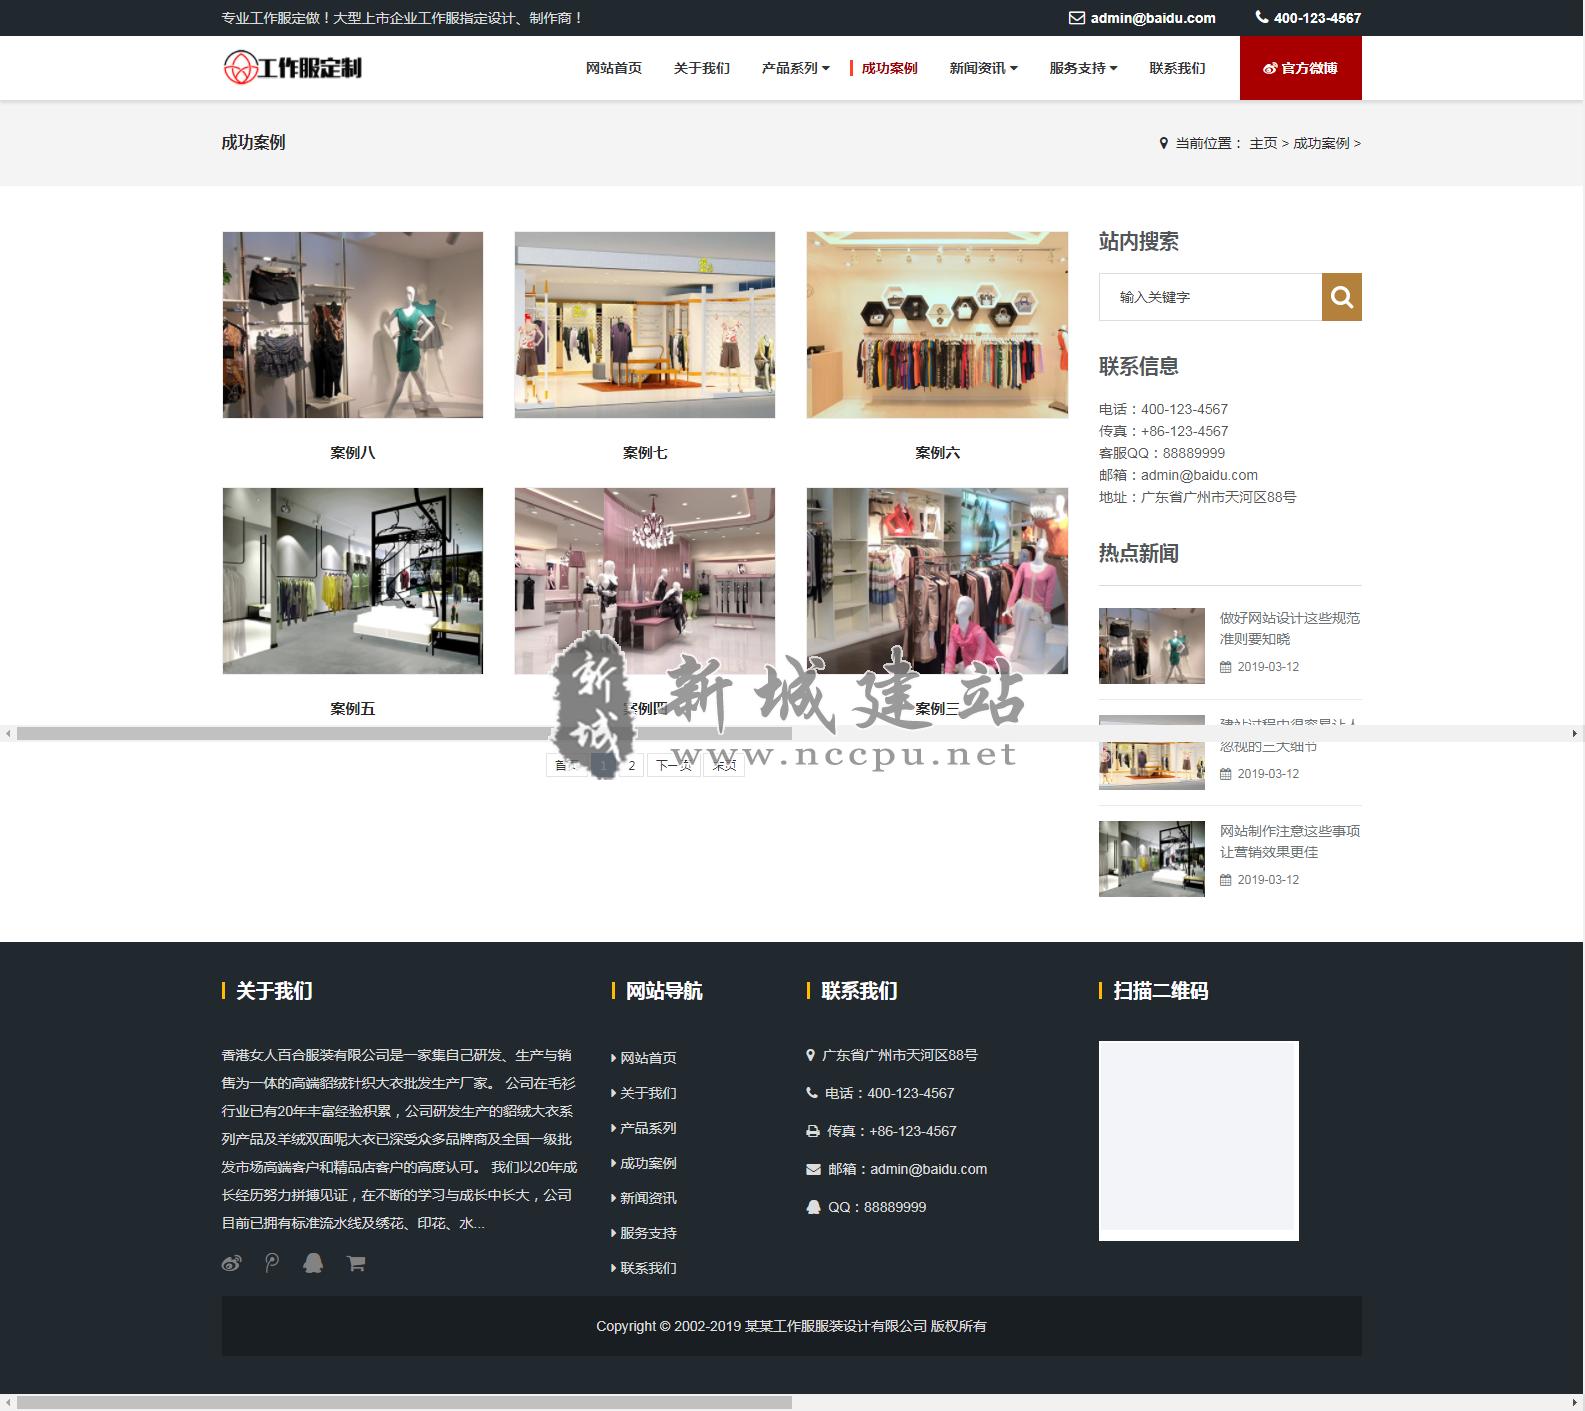 响应式企业工作服设计定制类公司网站案例